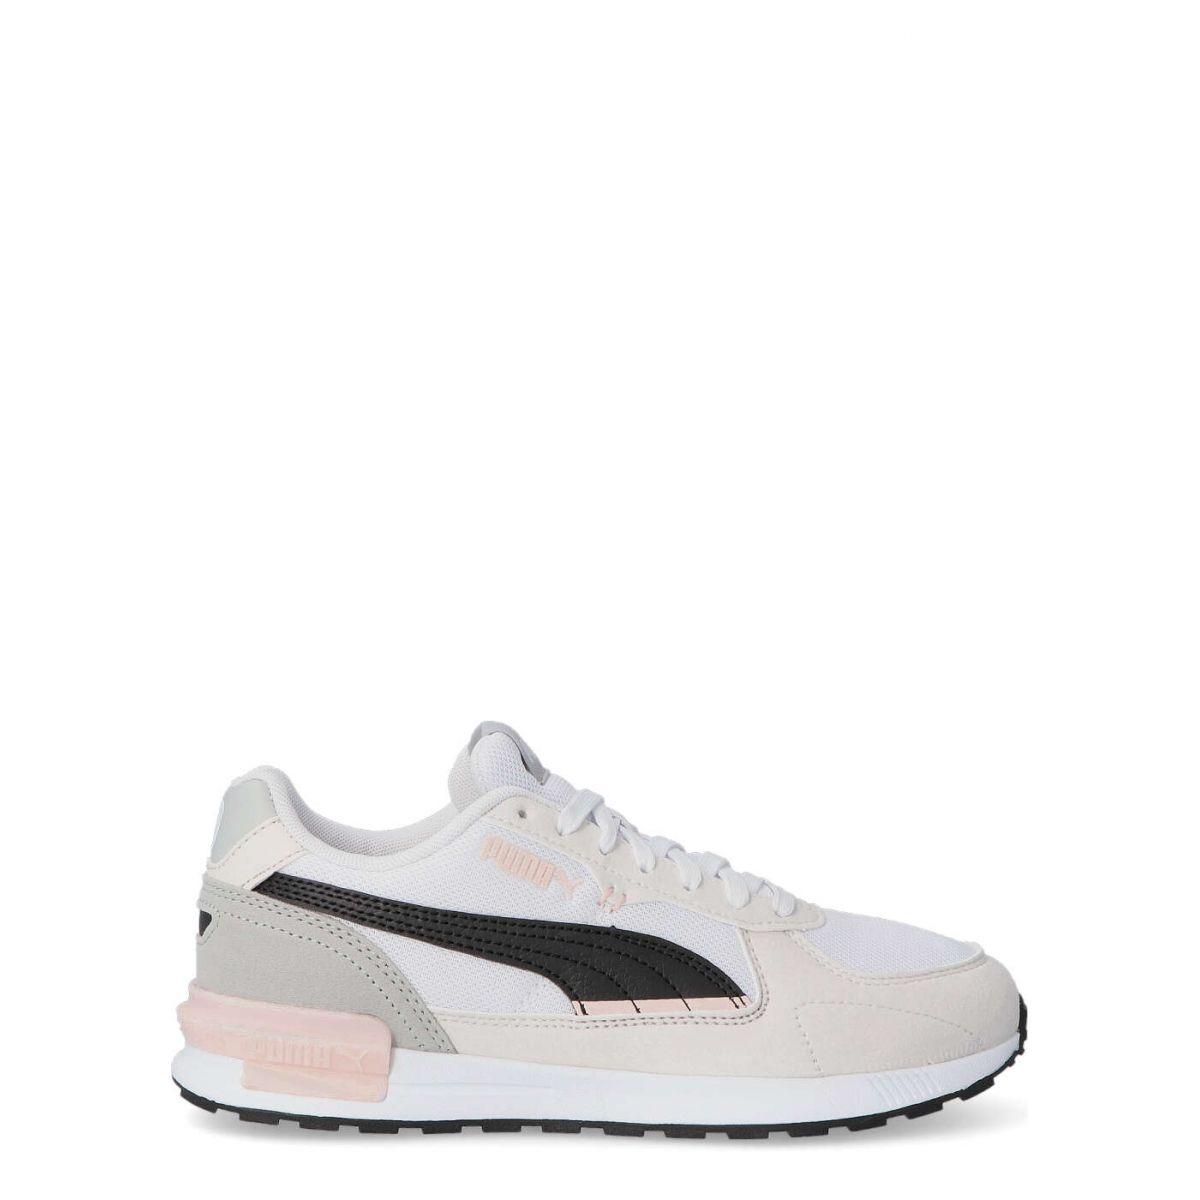 PUMA Sneakers Casual Cómodo De Mujer PUM 380738 BLANCO